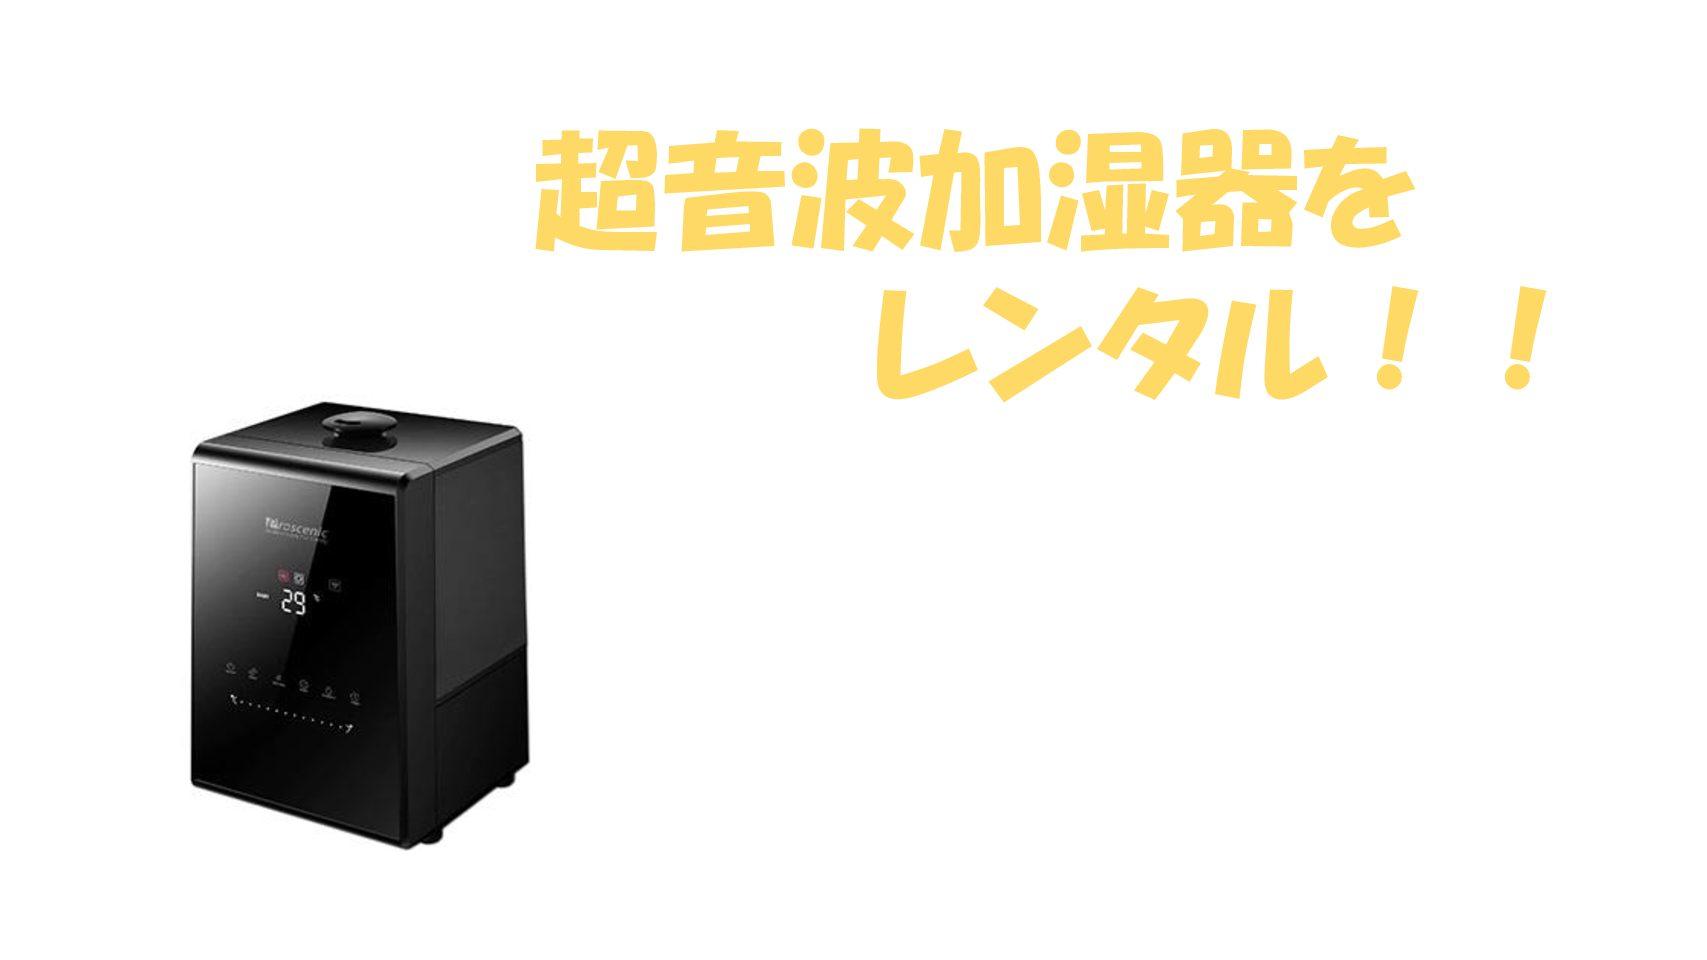 福岡で加湿器をレンタルしたい方へ